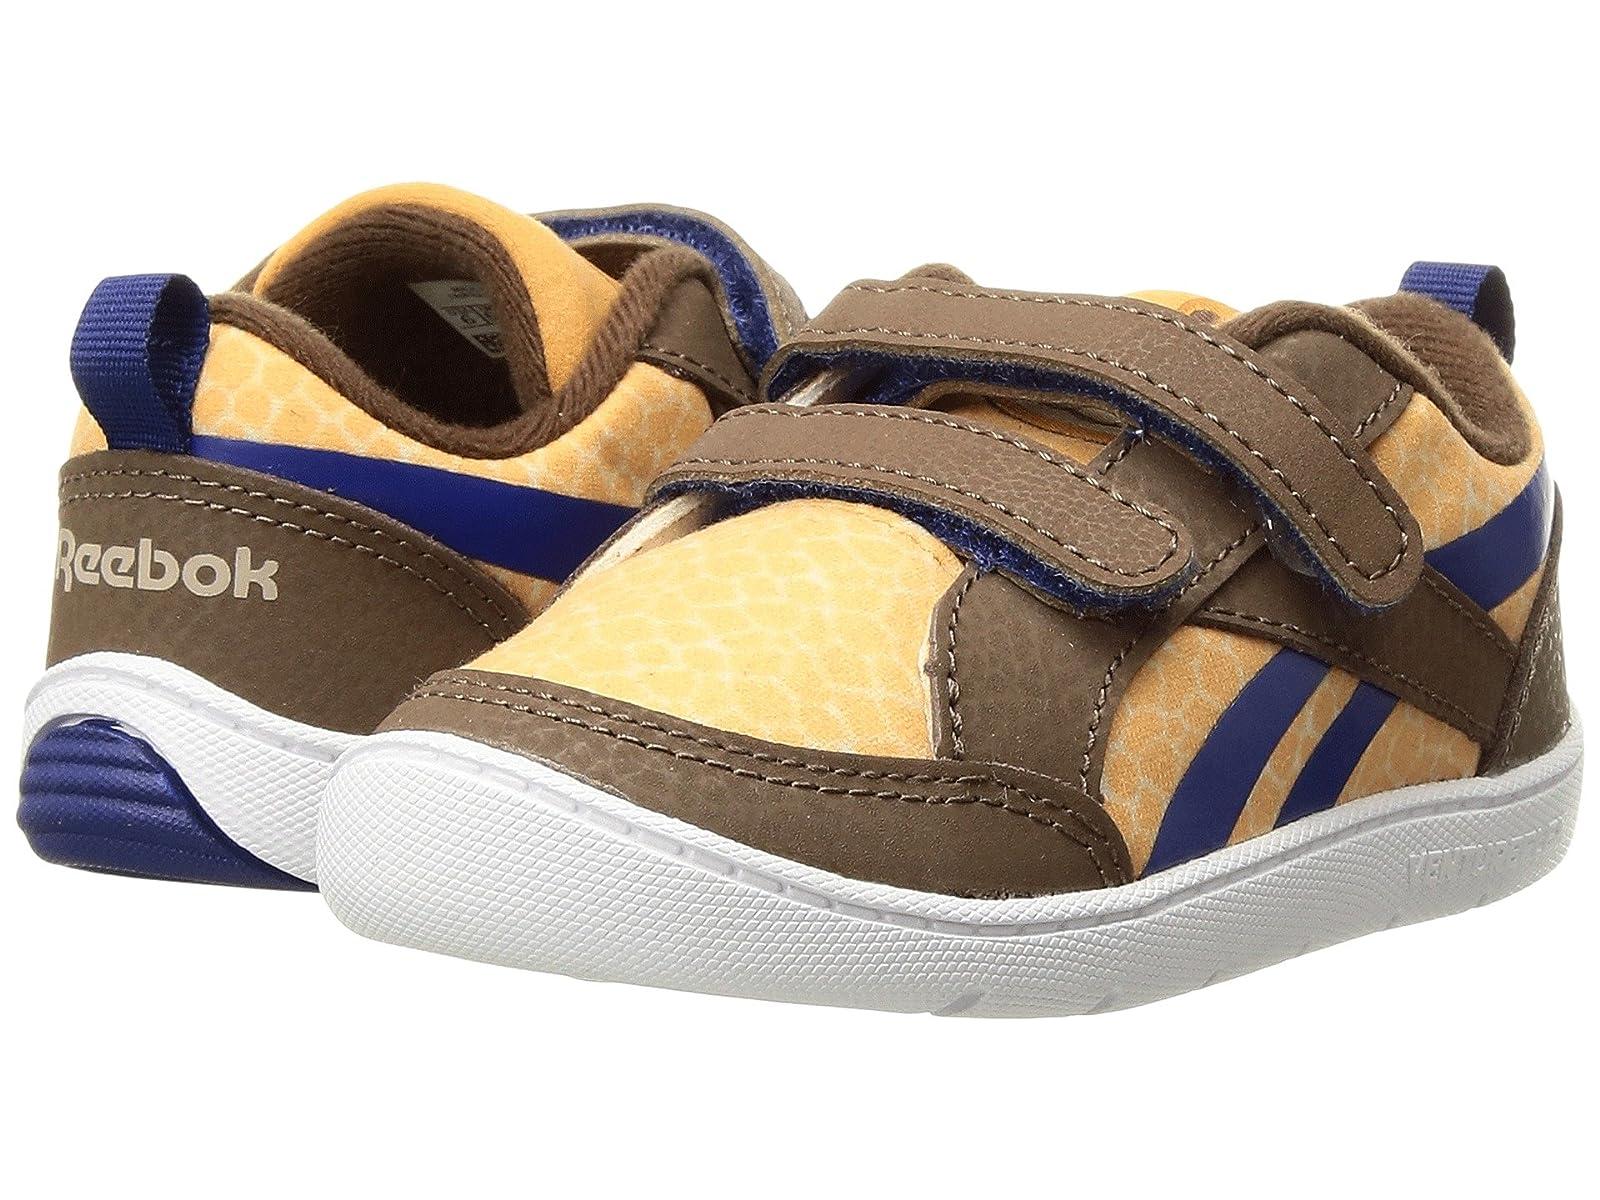 Reebok Kids Ventureflex Critter Feet (Toddler) (Toddler) Feet 04074f